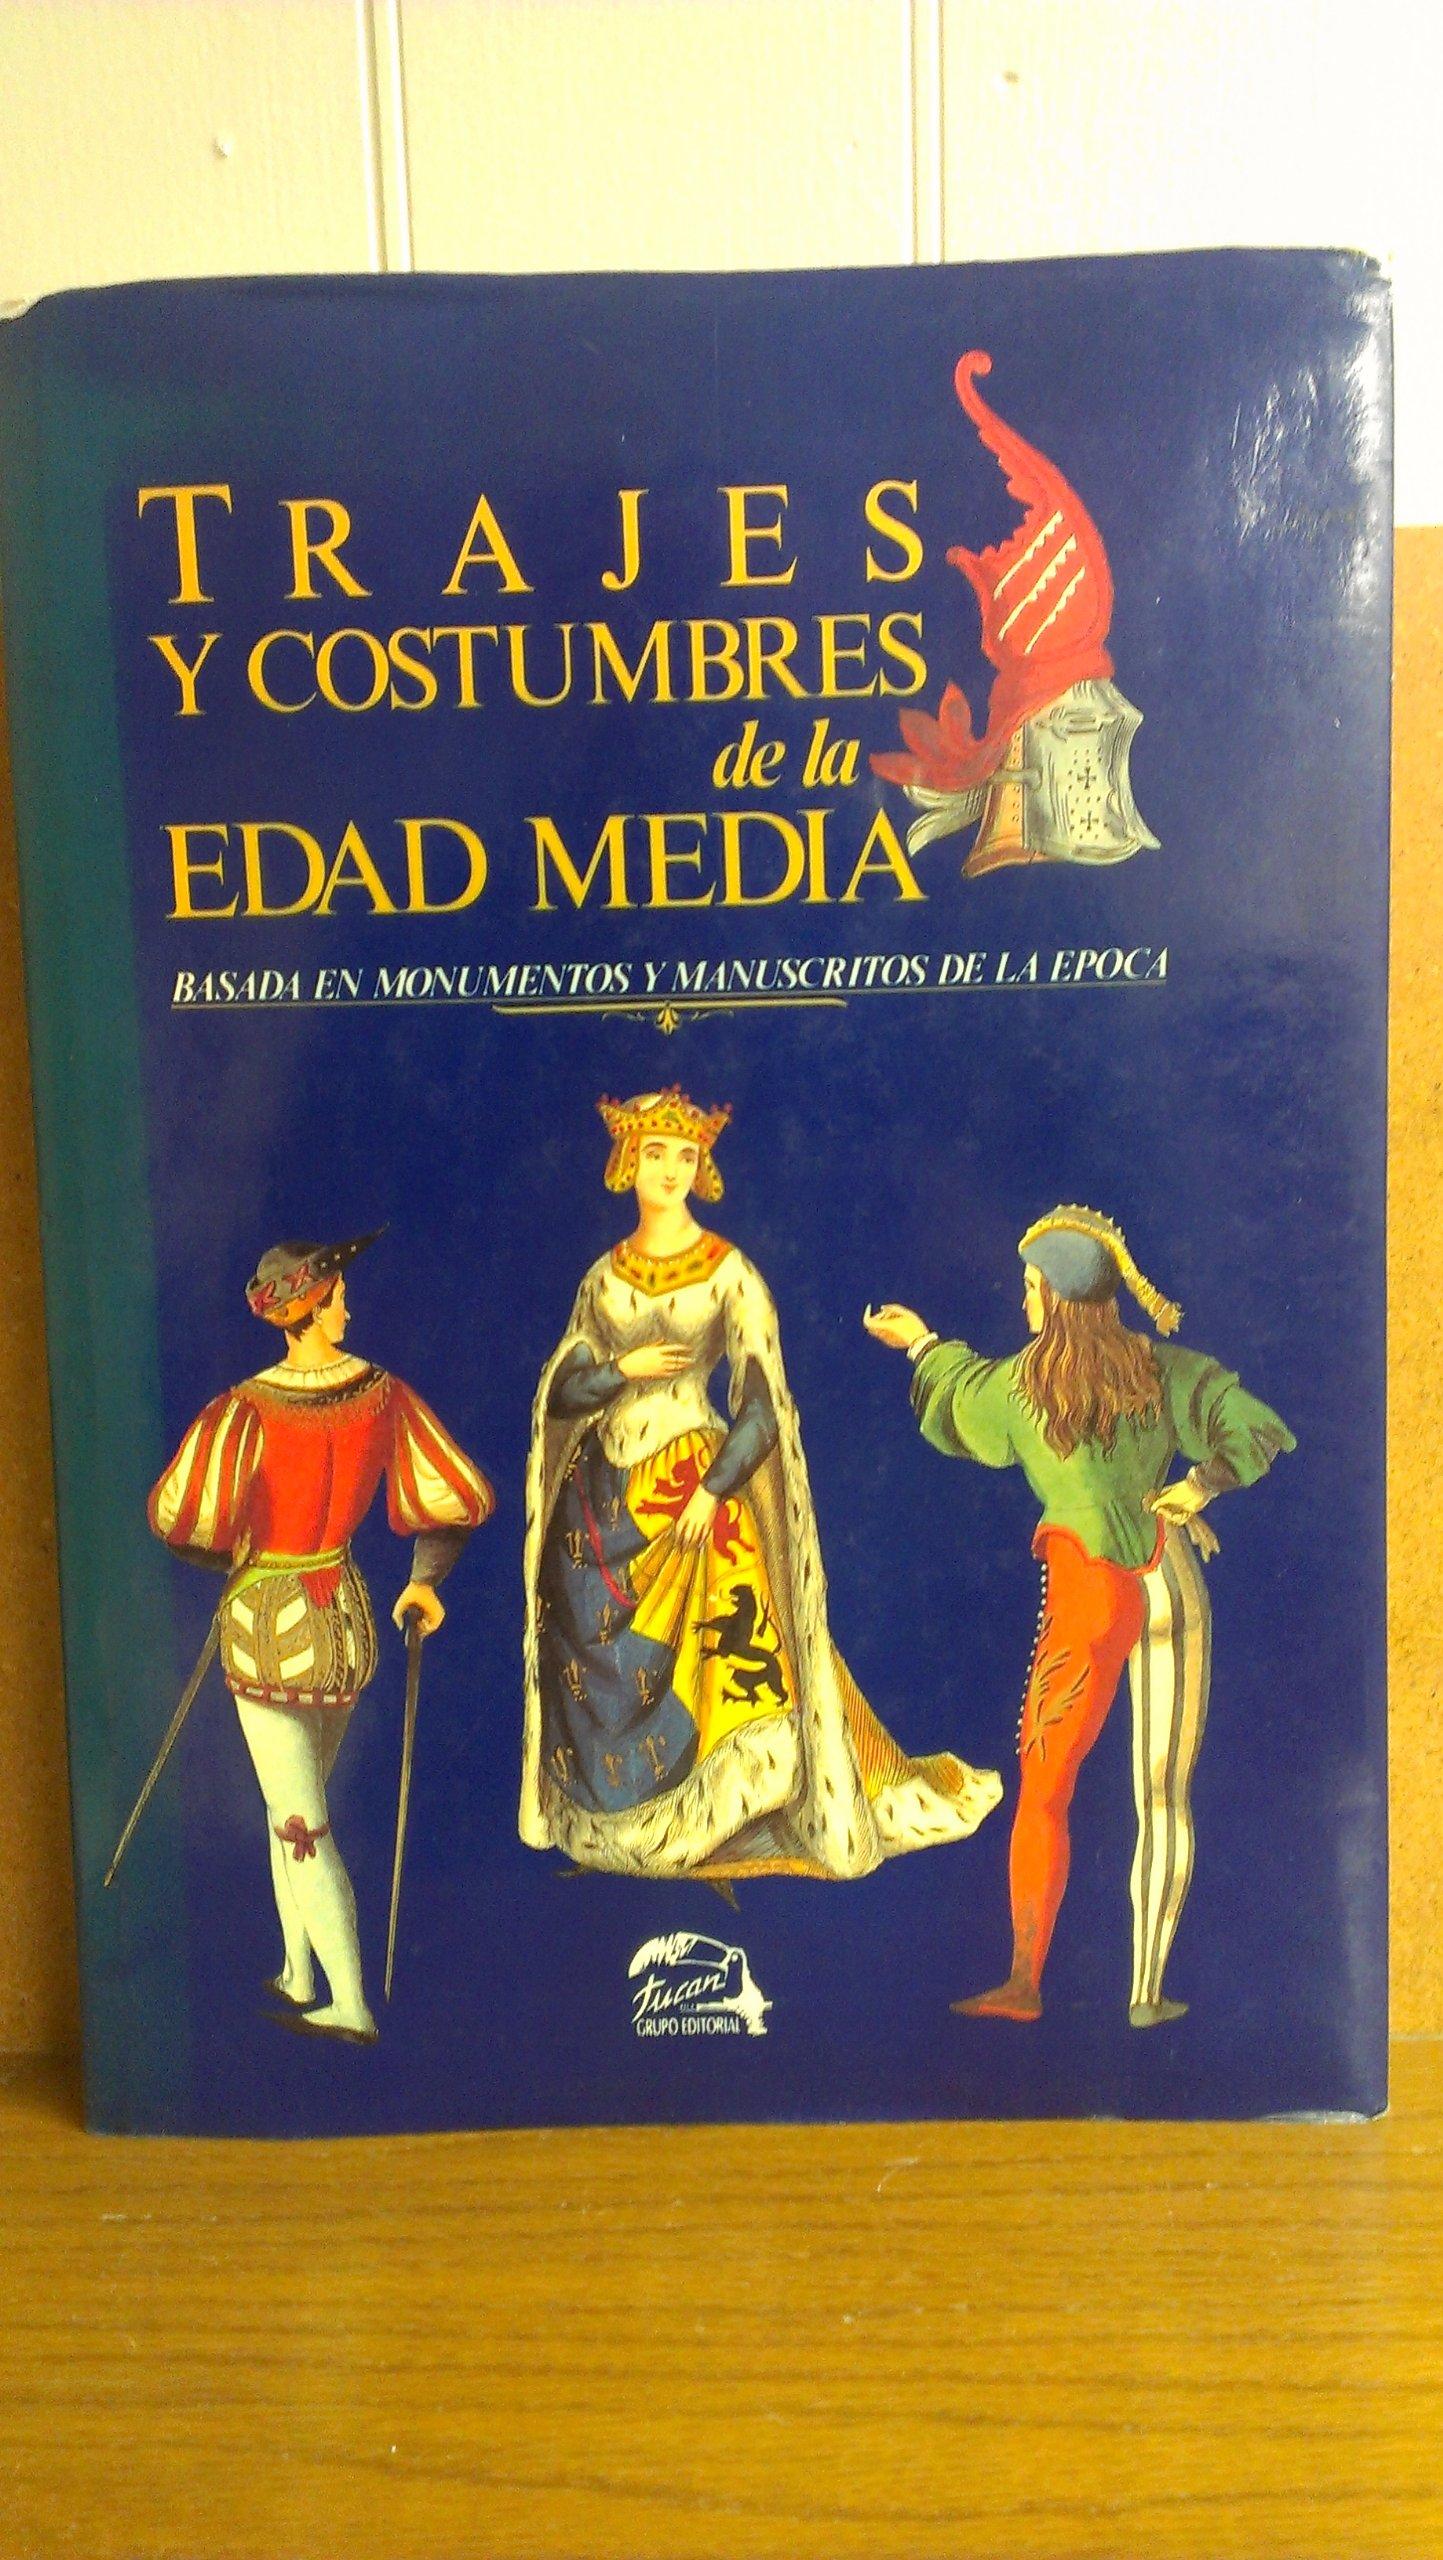 Trajes y Costumbres de la Edad Media: Basada en Monumentos y ...